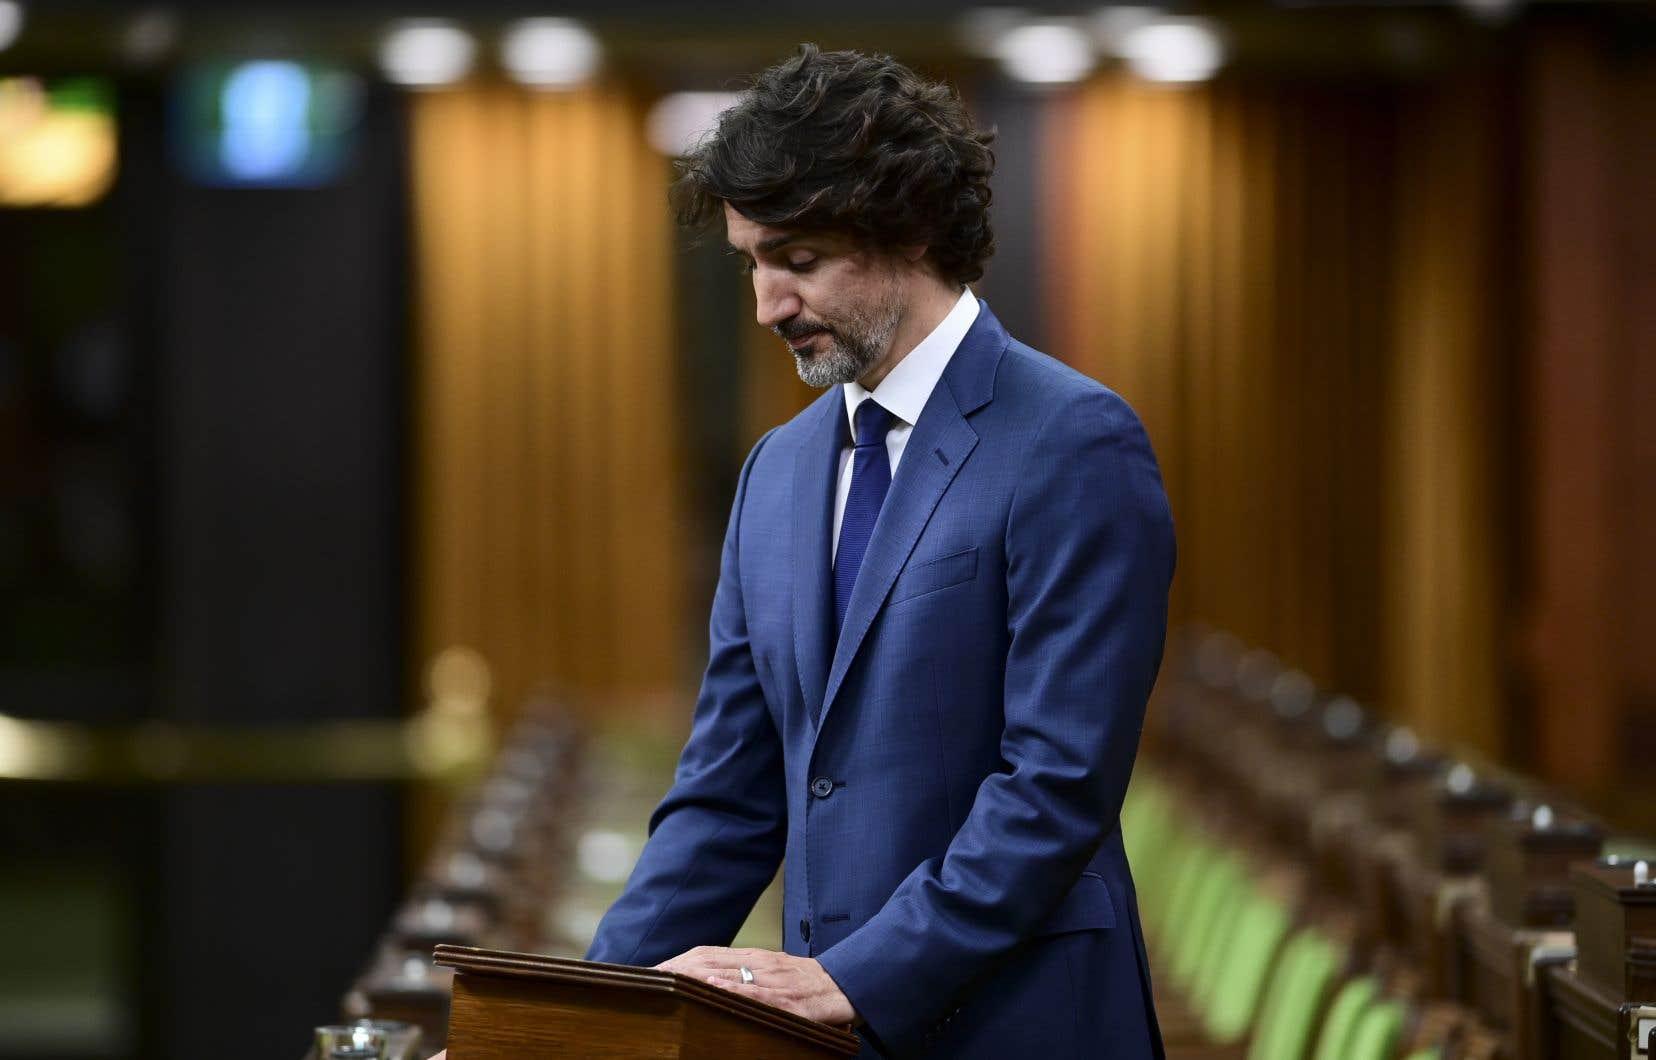 Le premier ministre Justin Trudeau s'est dit «horrifié» par cette attaque «lâche et islamophobe».